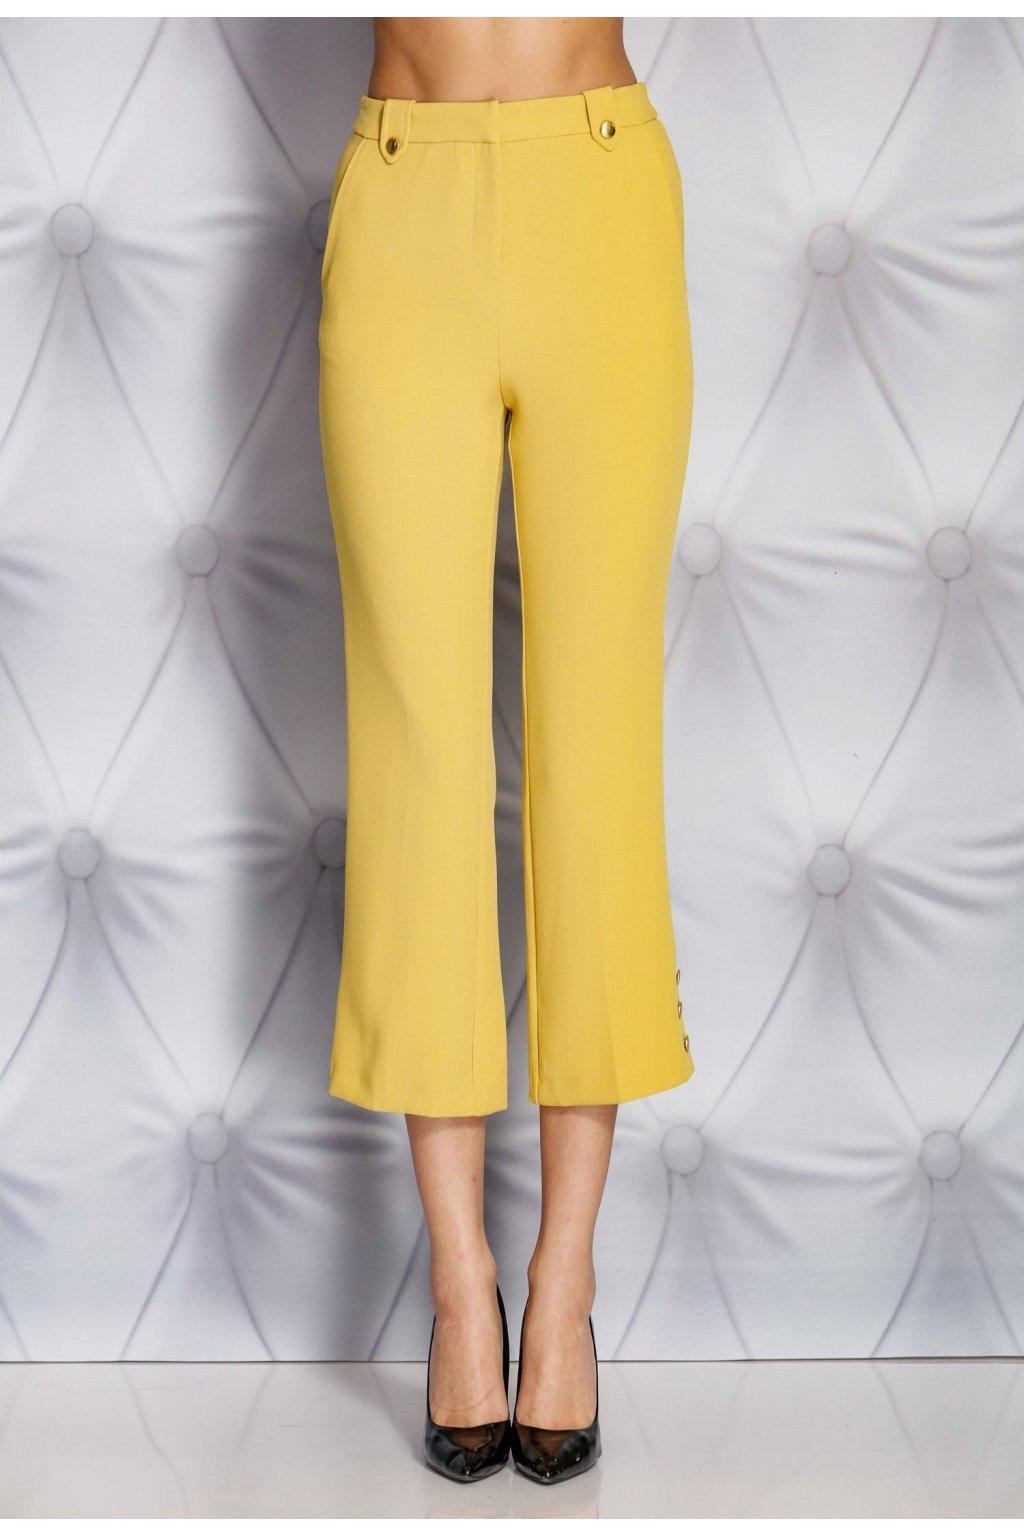 Hnědé dámské kalhoty